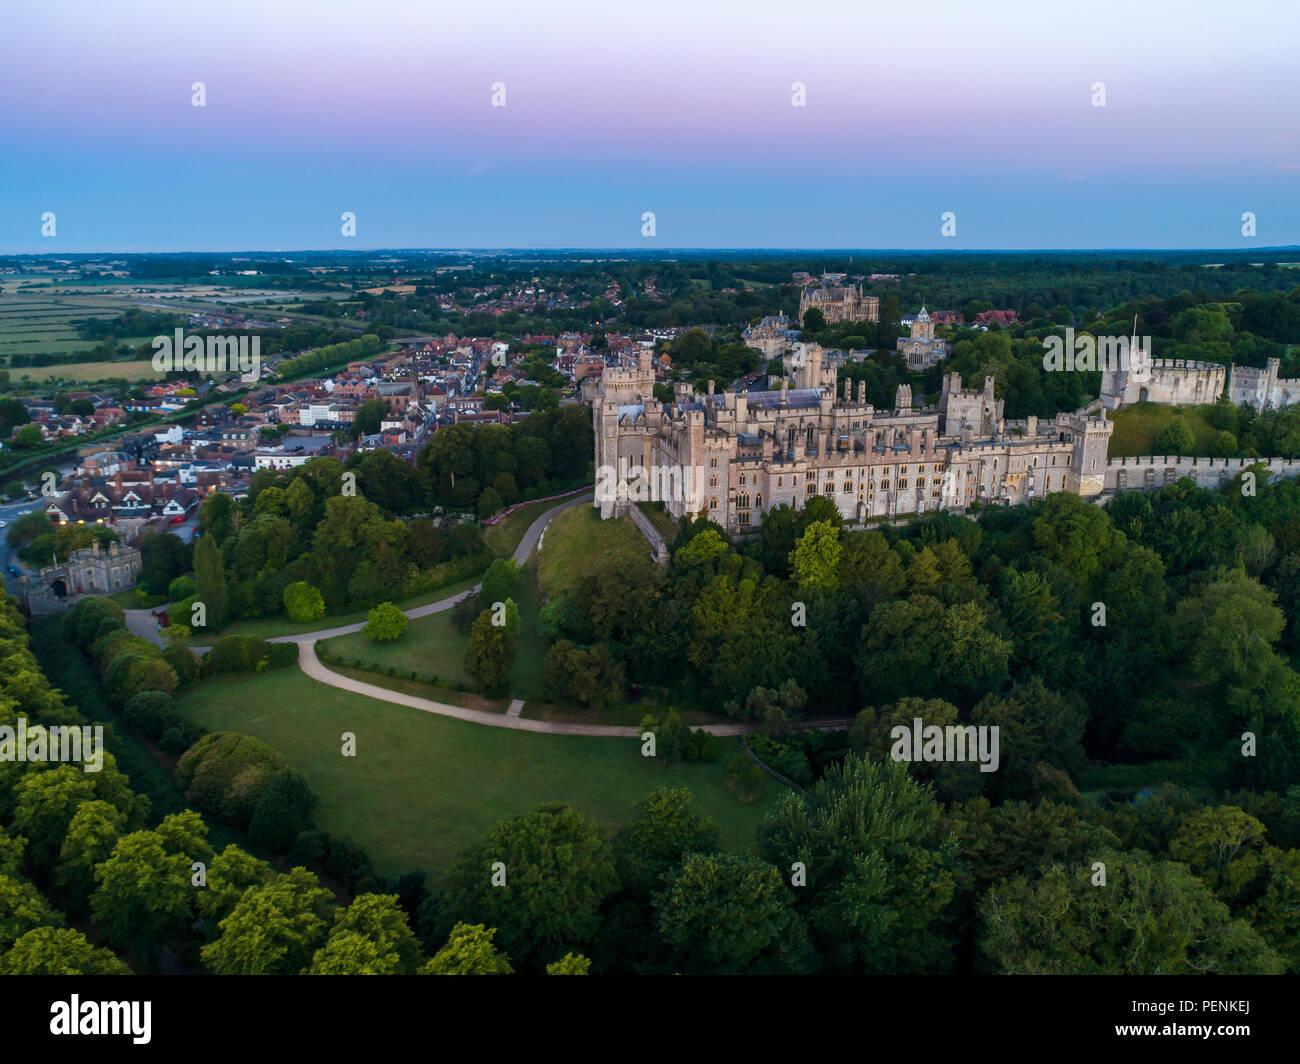 Foto aerea del Castello di Arundel e città nel crepuscolo prima dell'alba. Girato in estate 2018 Foto Stock